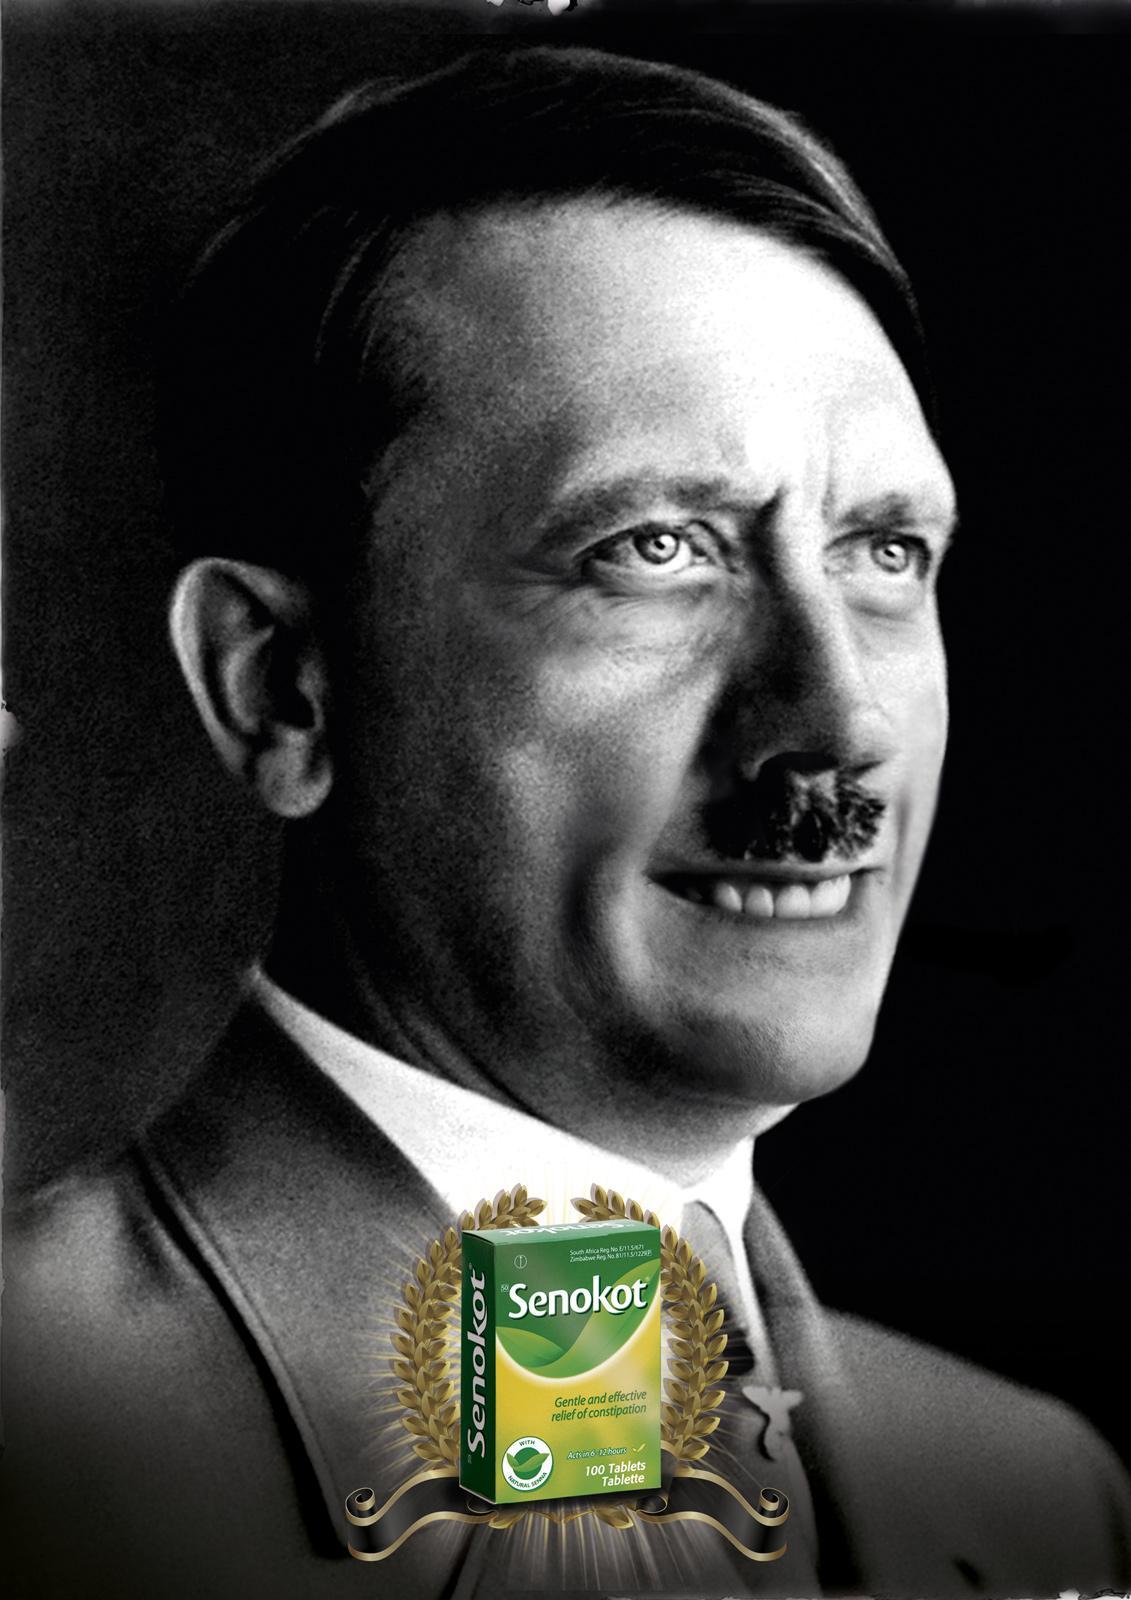 Senokot Print Ad -  Hitler